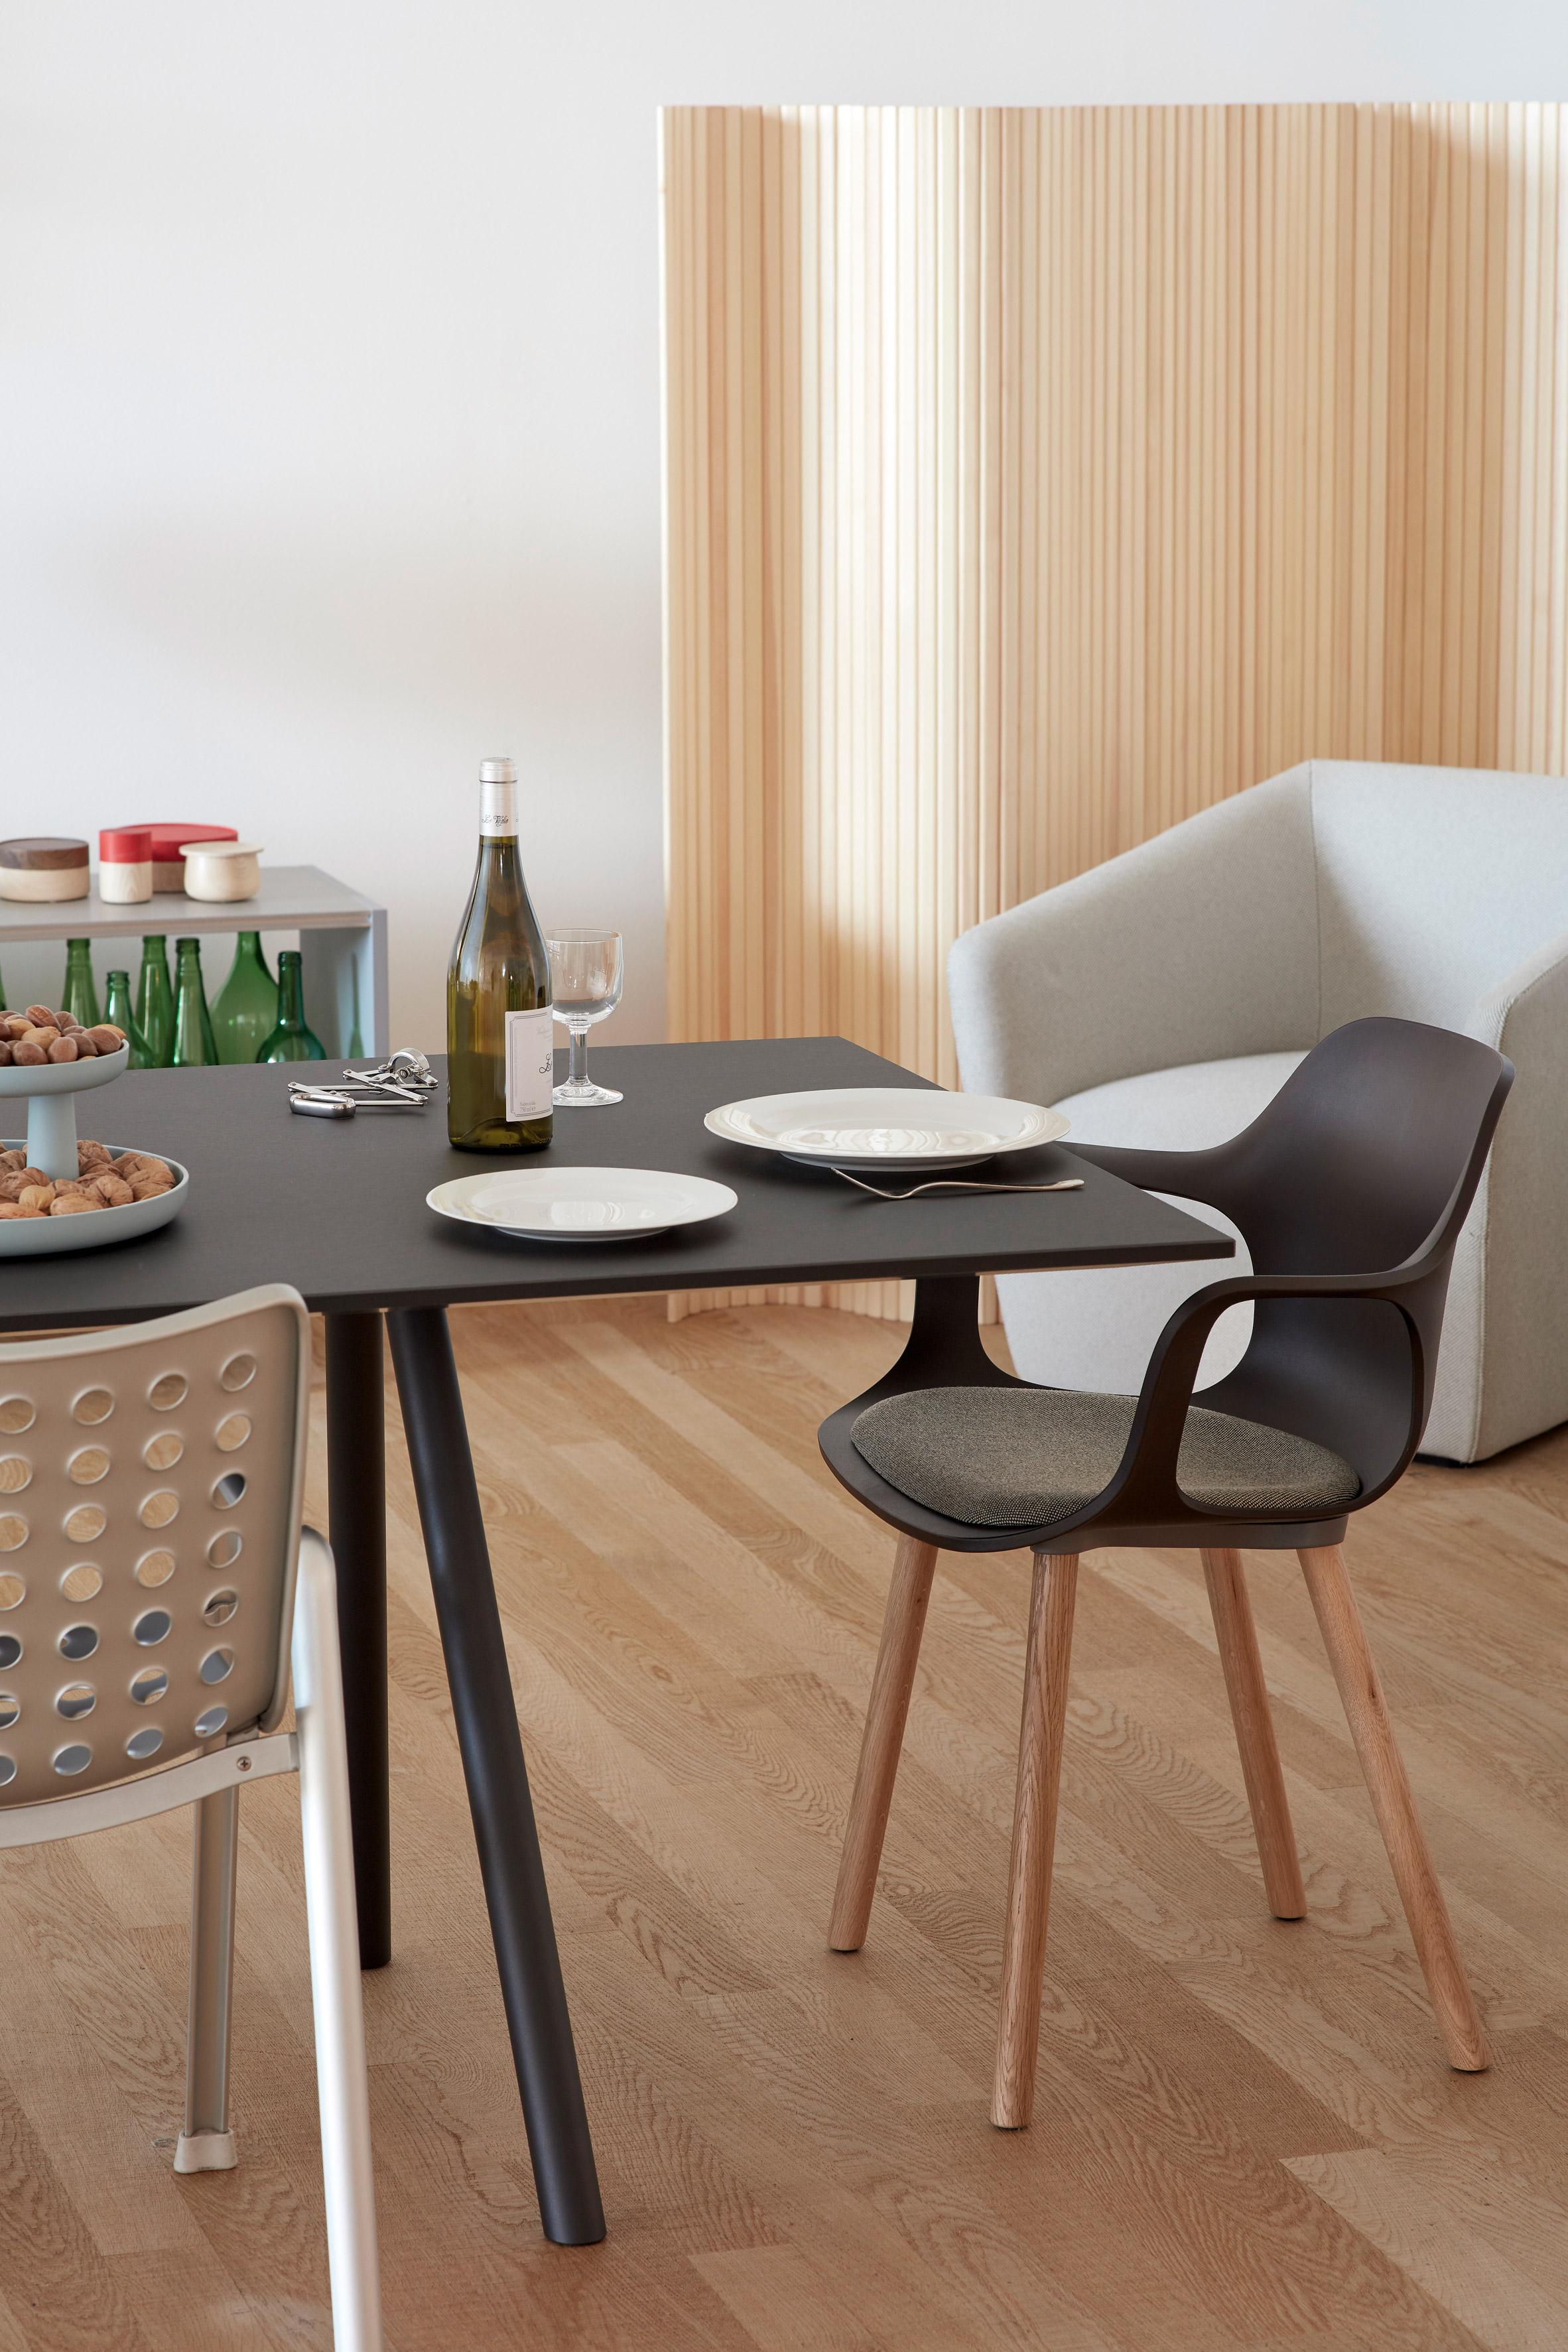 British Designer Jasper Morrison Creates Perfect Artistu0027s Studio For  VitraHaus   Curbed